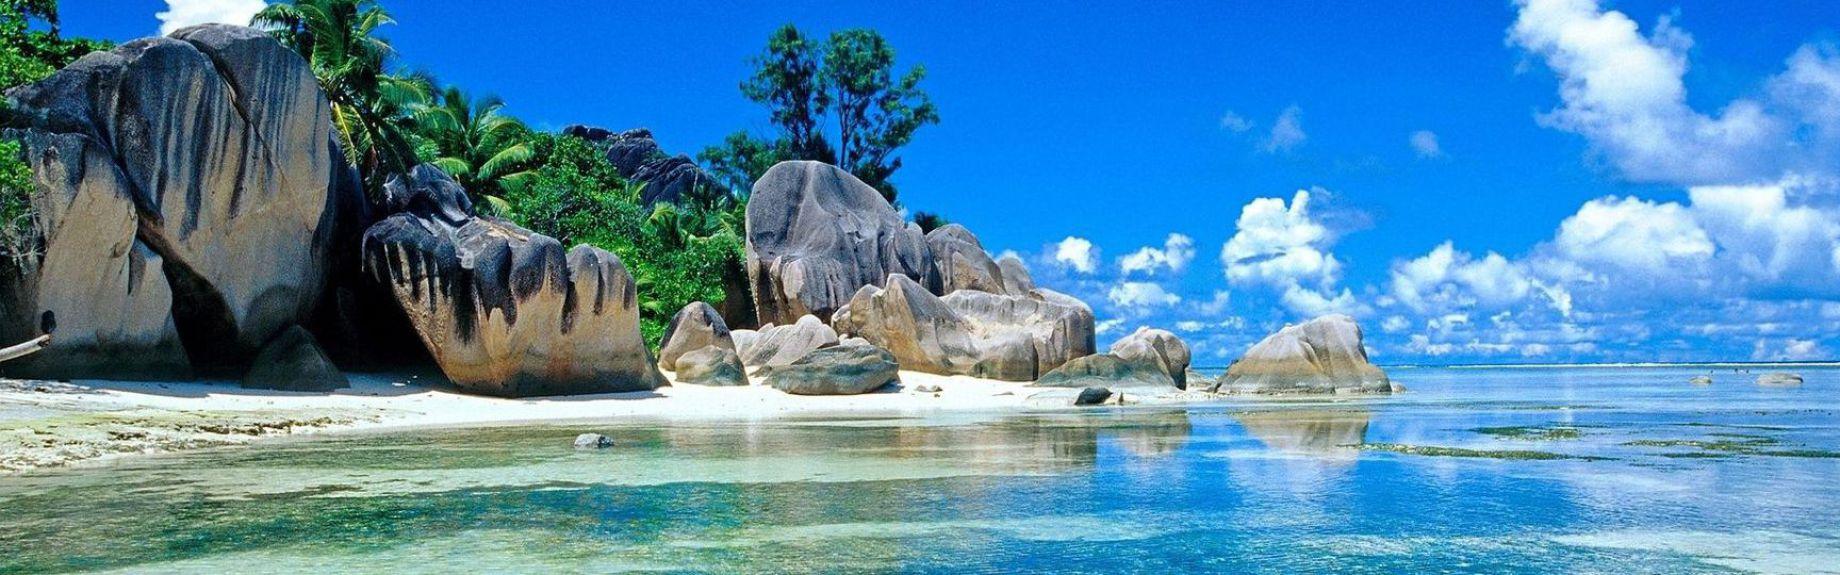 Maldivas, tu sueño